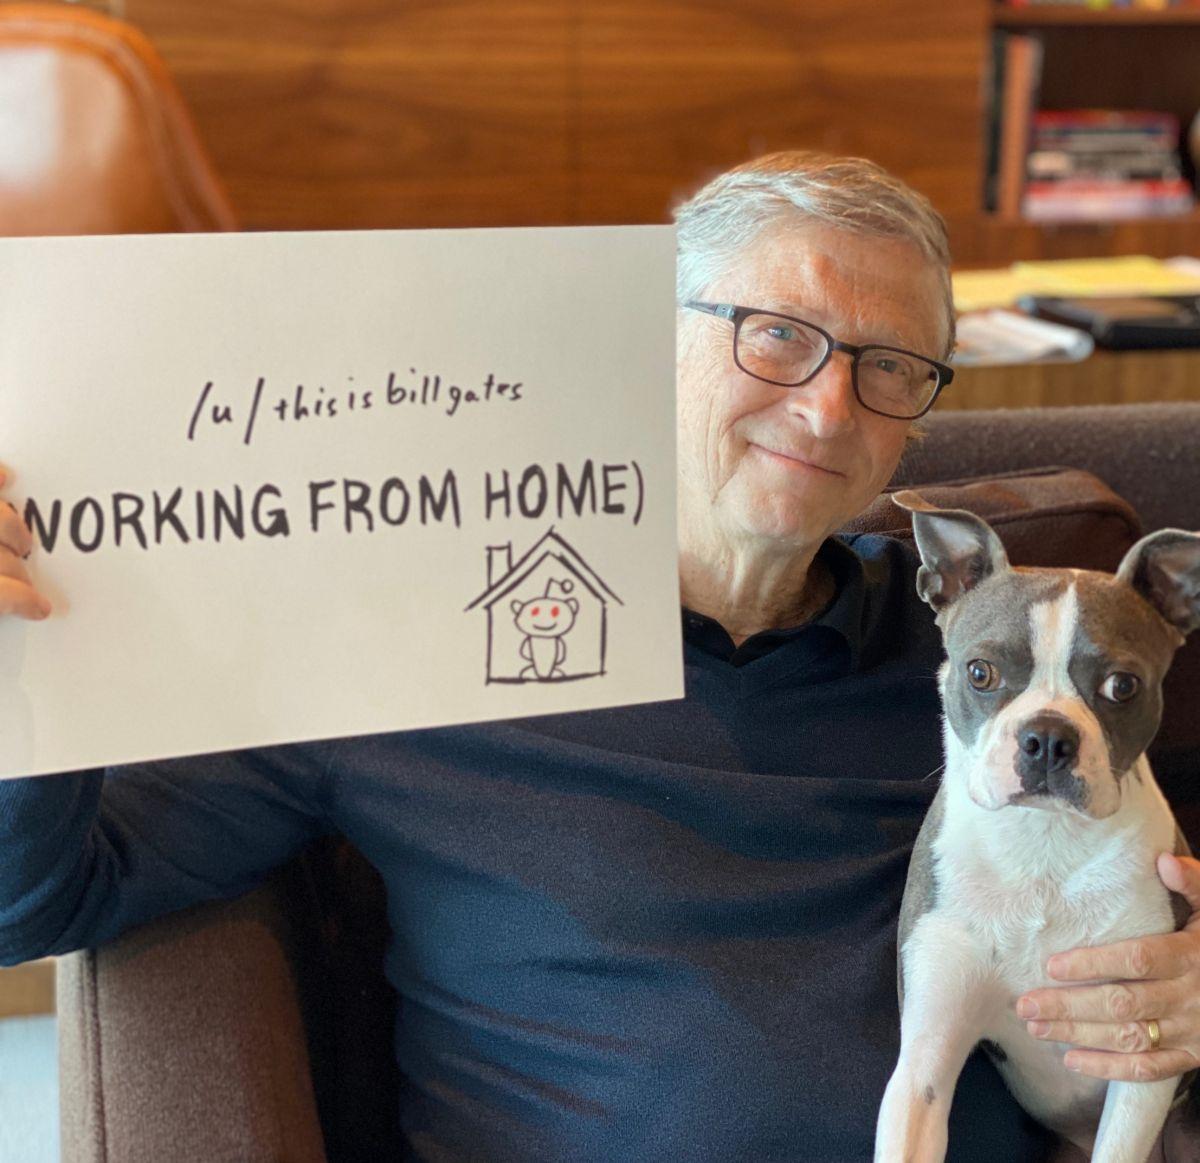 Bill Gates havacılık şirketi satın almak istiyor #2